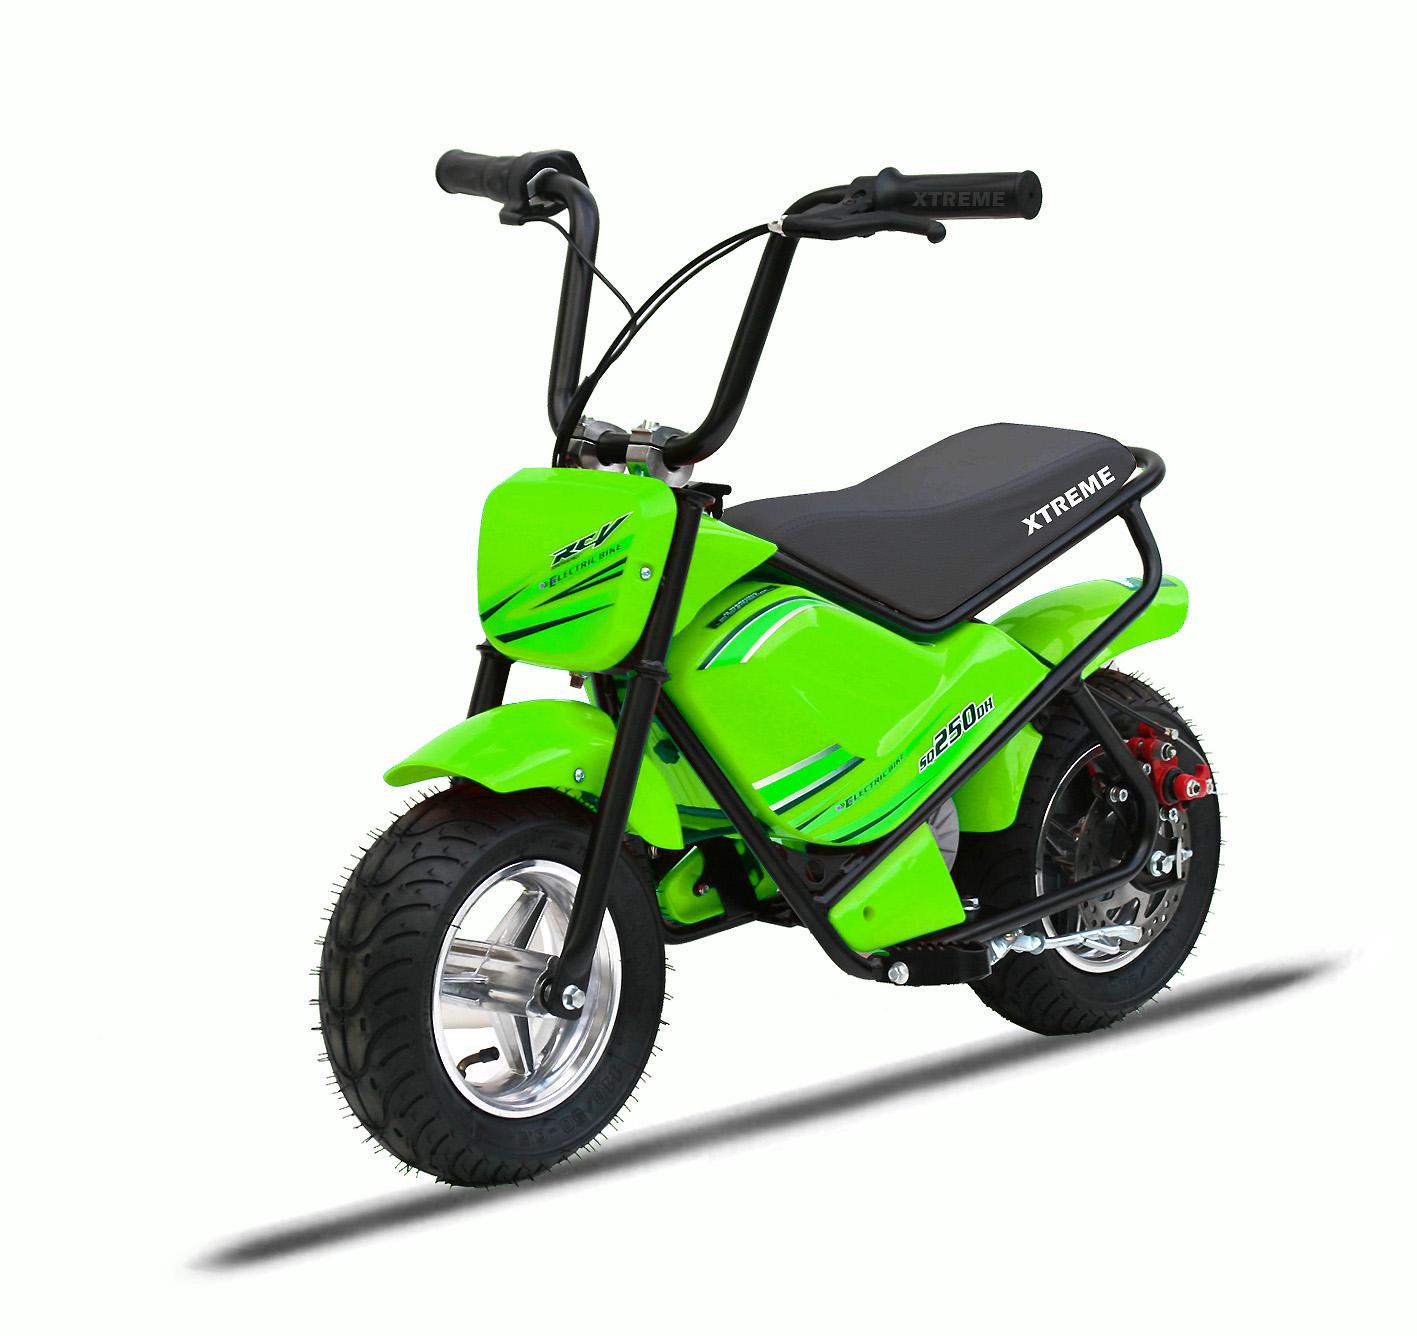 Xtreme 250w Funbike In Green Fun Bikes Xtreme Toys